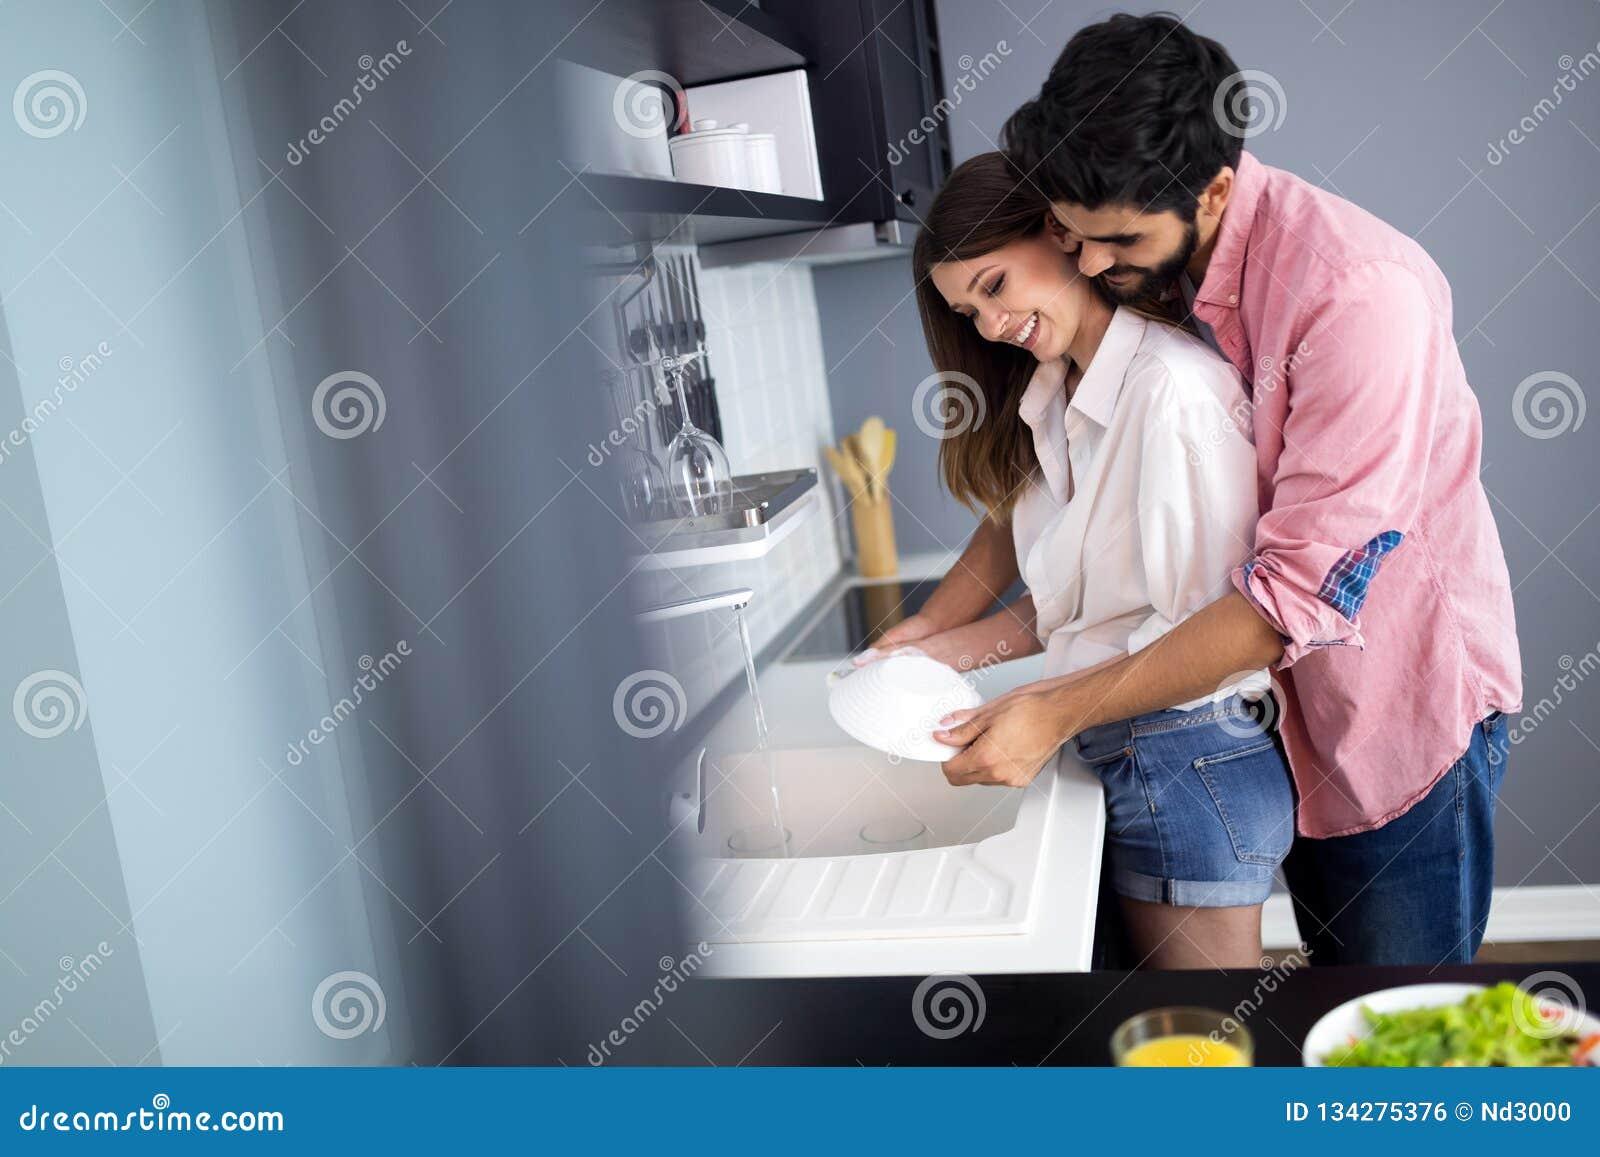 La giovane coppia felice sta lavando i piatti mentre faceva la pulizia a casa